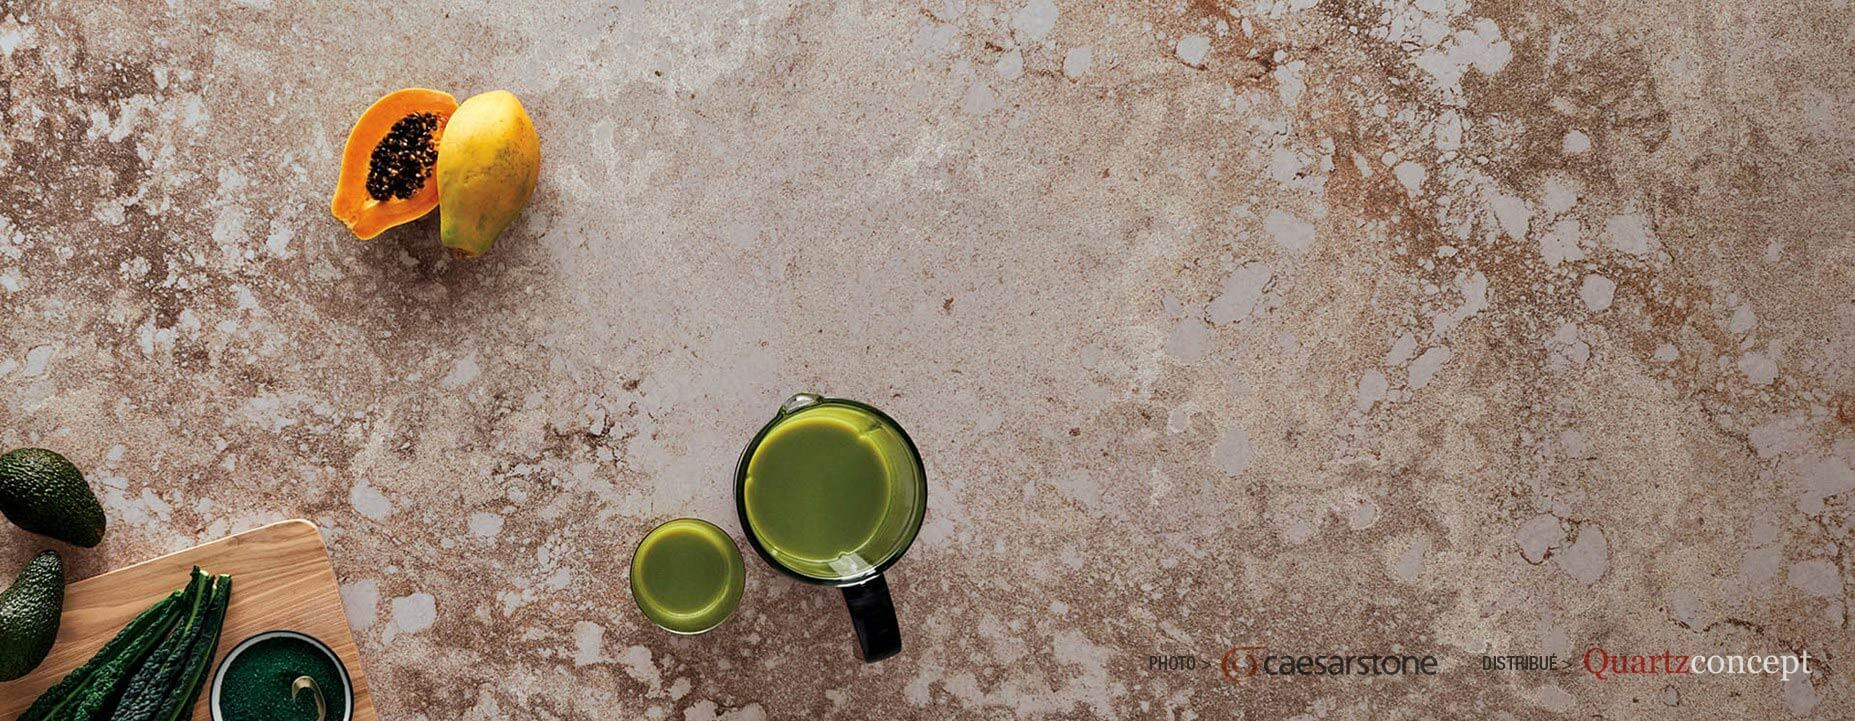 Quartz Caesarstone couleur 4046 excava